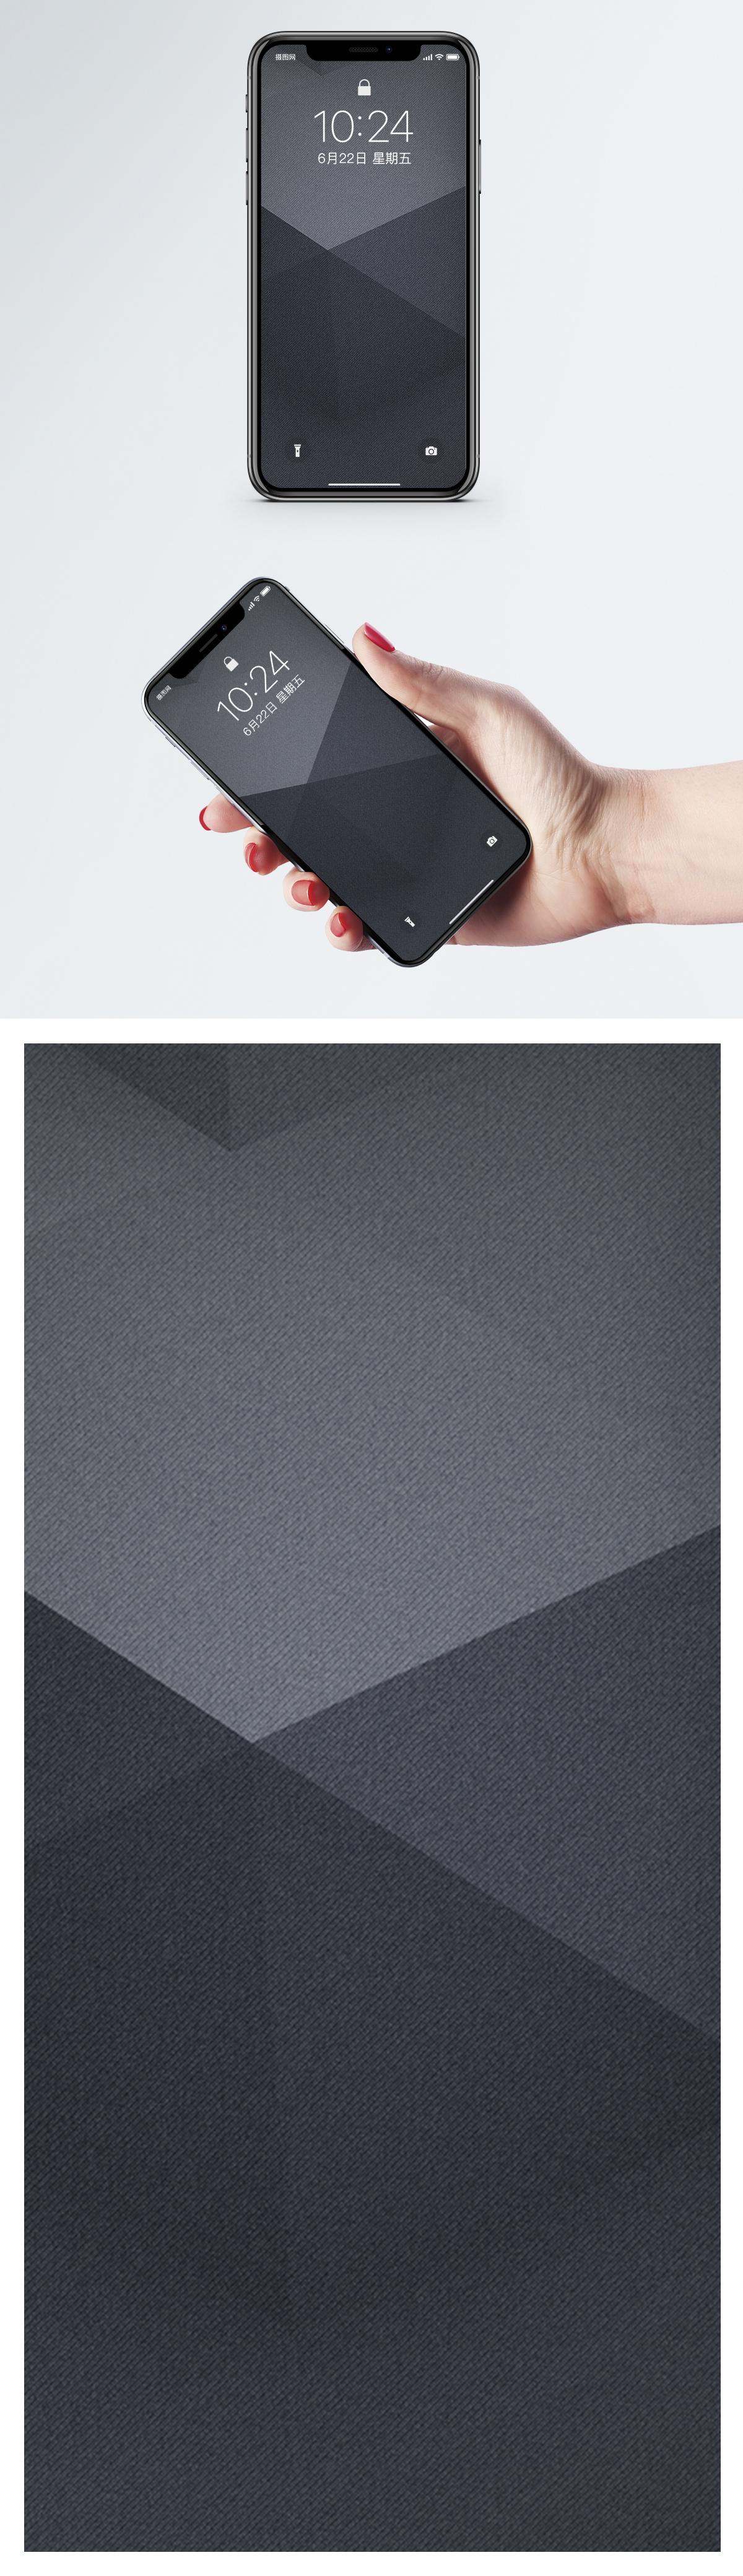 Download 4000 Wallpaper Hitam Bergerak